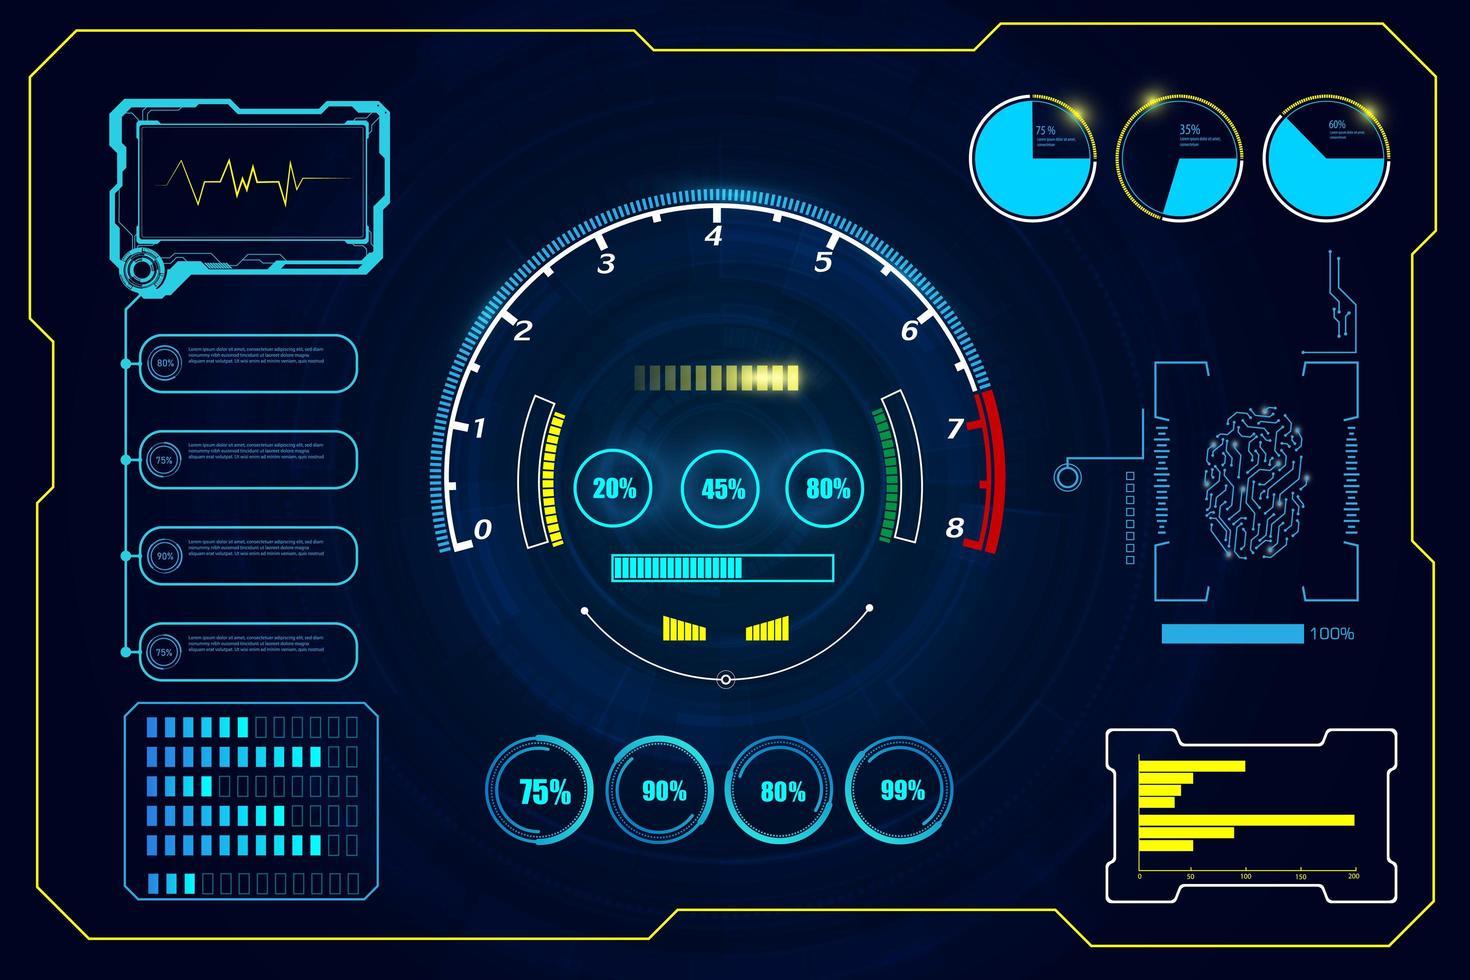 futuristischer Hud Interface Hintergrund vektor